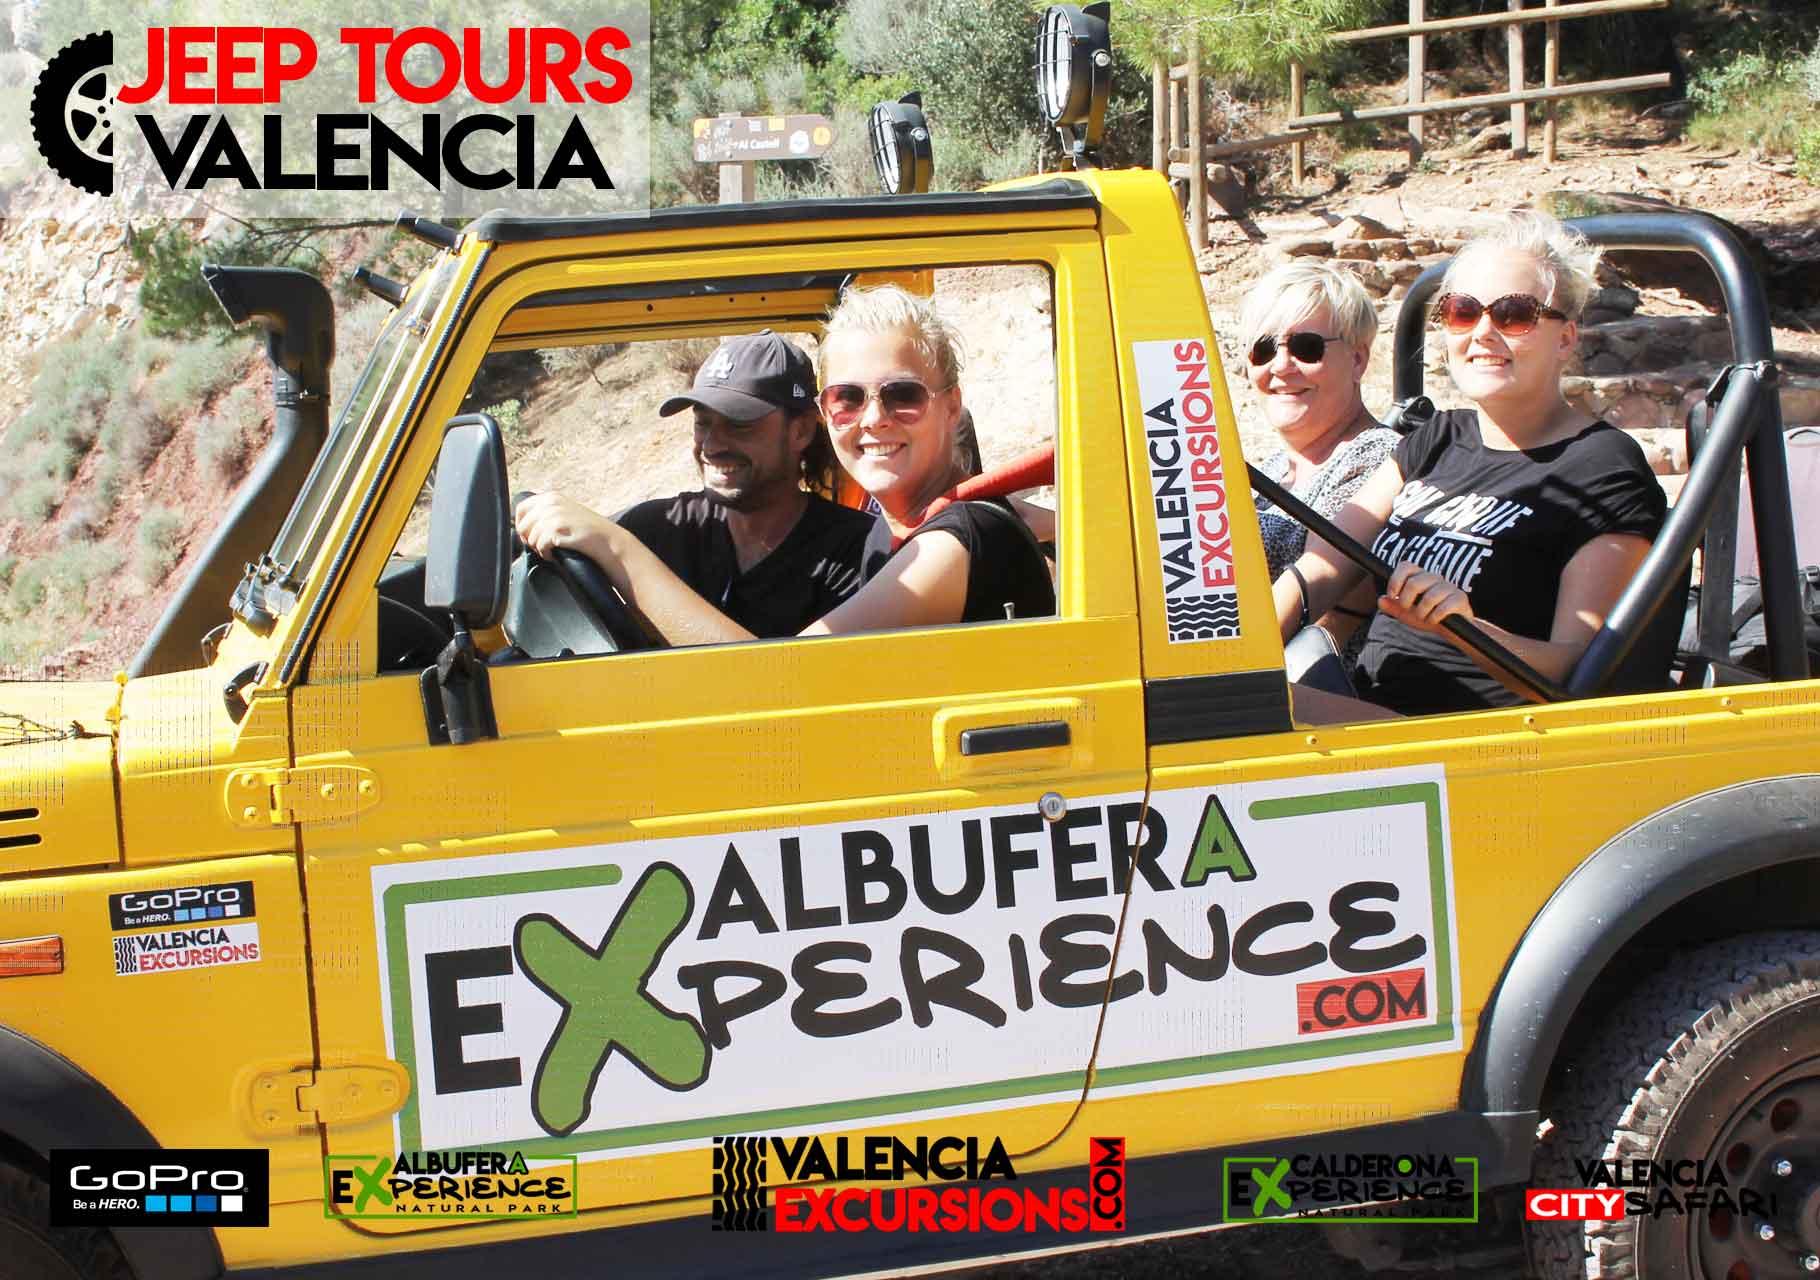 Geführte Tour zum  Naturpark Albufera Valencia  in Jeeps